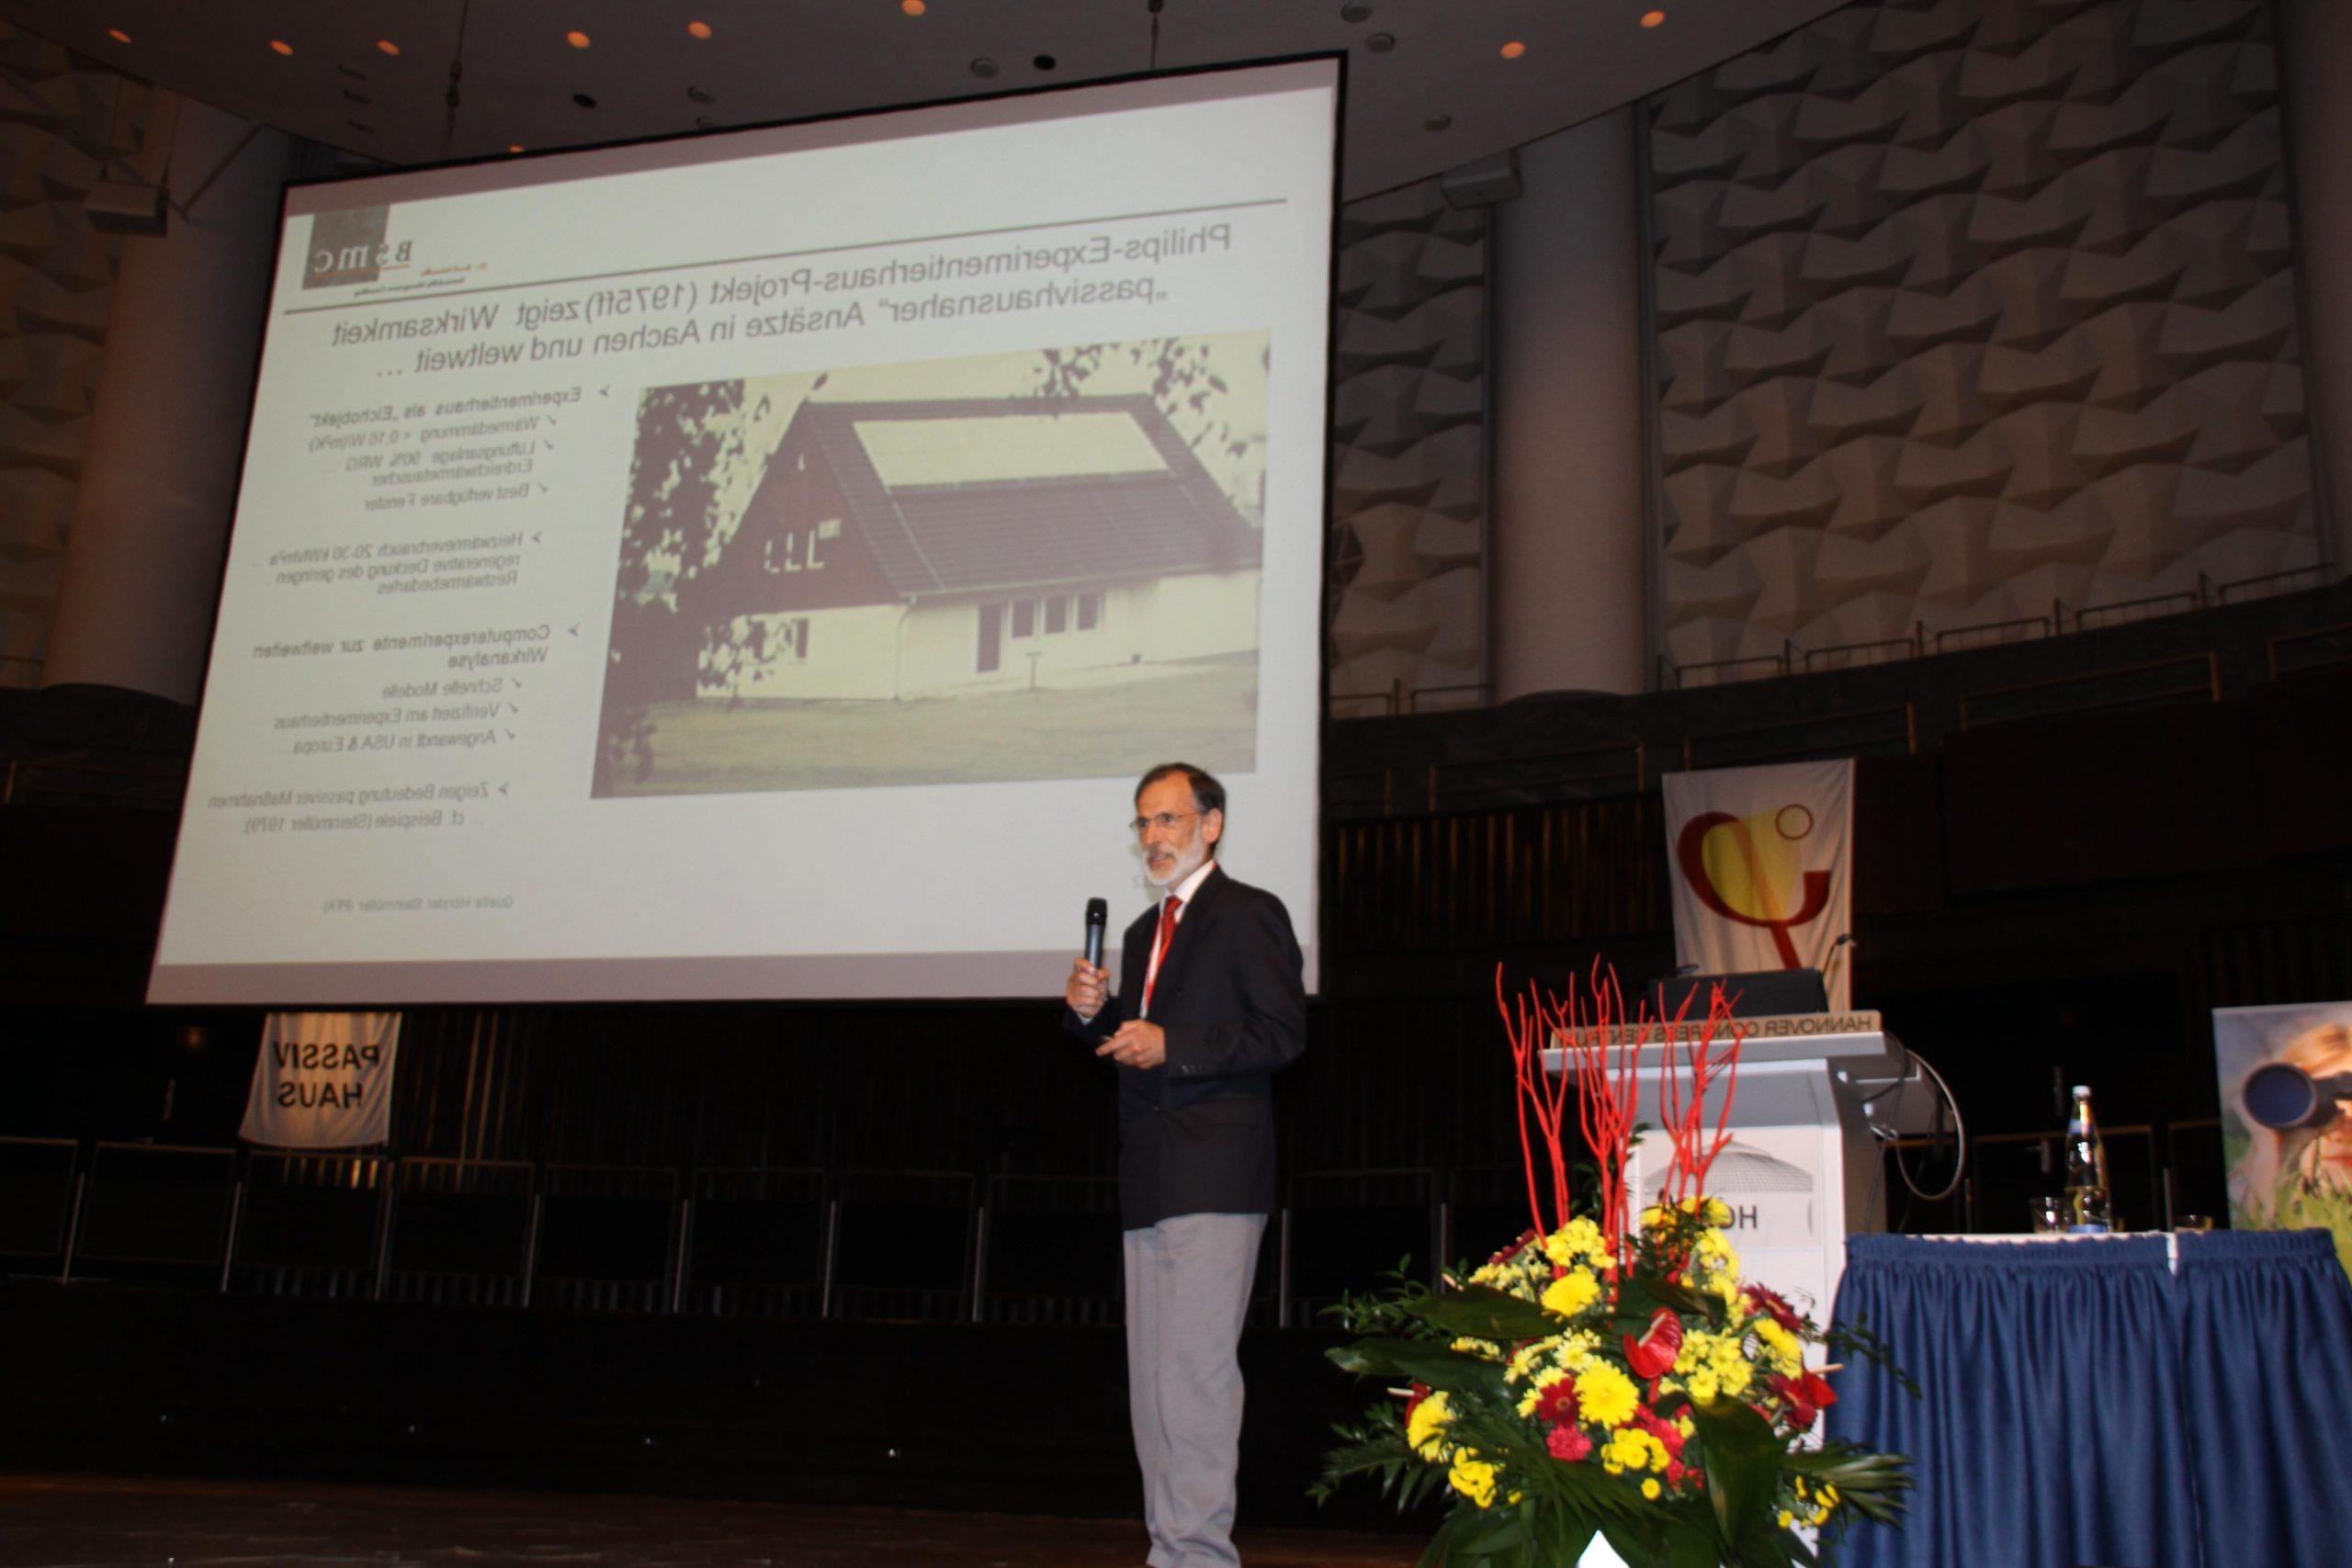 Entretien avec le pionnier des maisons passives, le Dr. Bernd Steinmüller